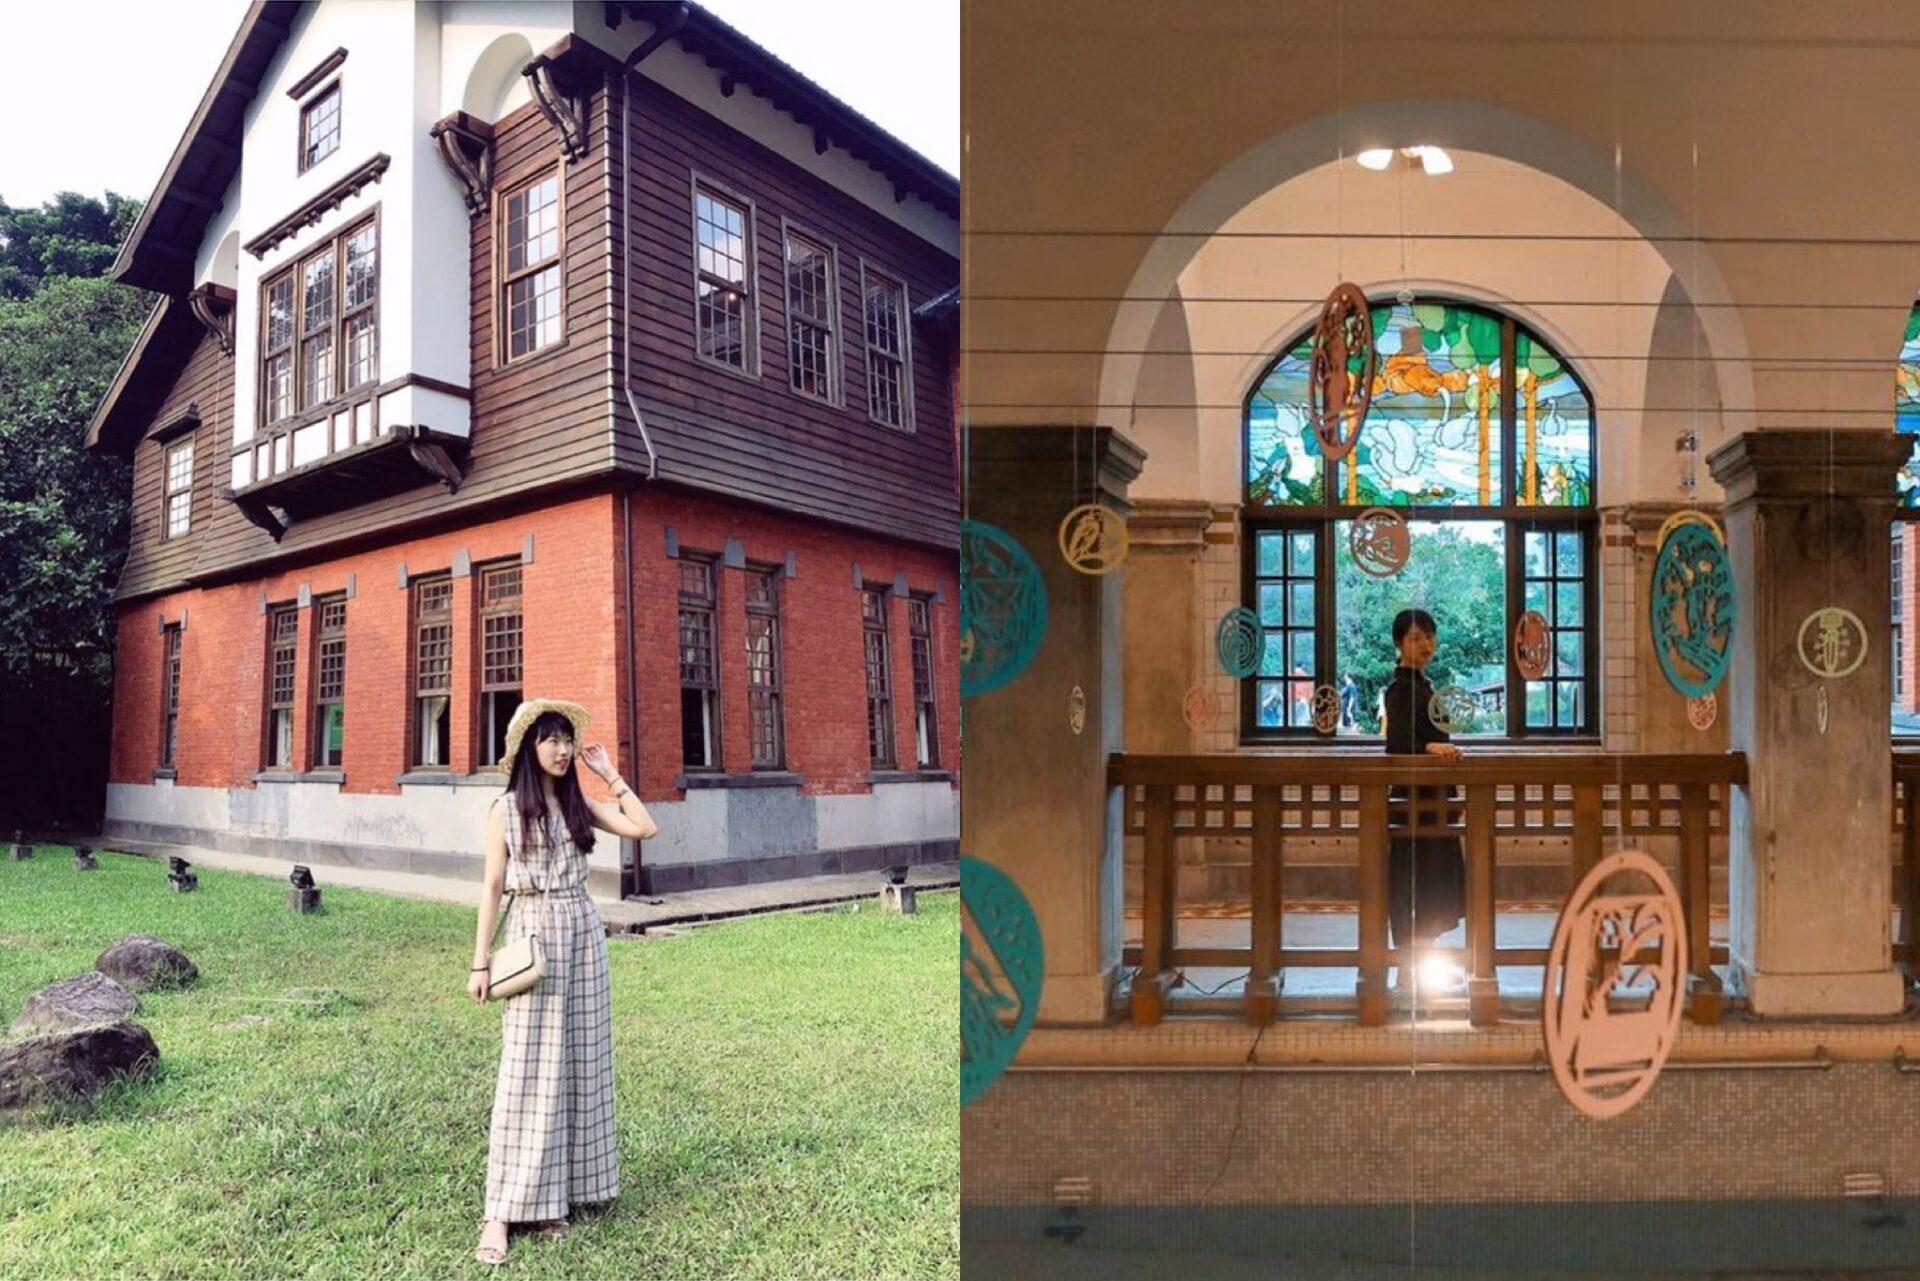 北投溫泉博物館 | 日式傳統建築北投著名地標|溫泉博物館深度旅遊攻略